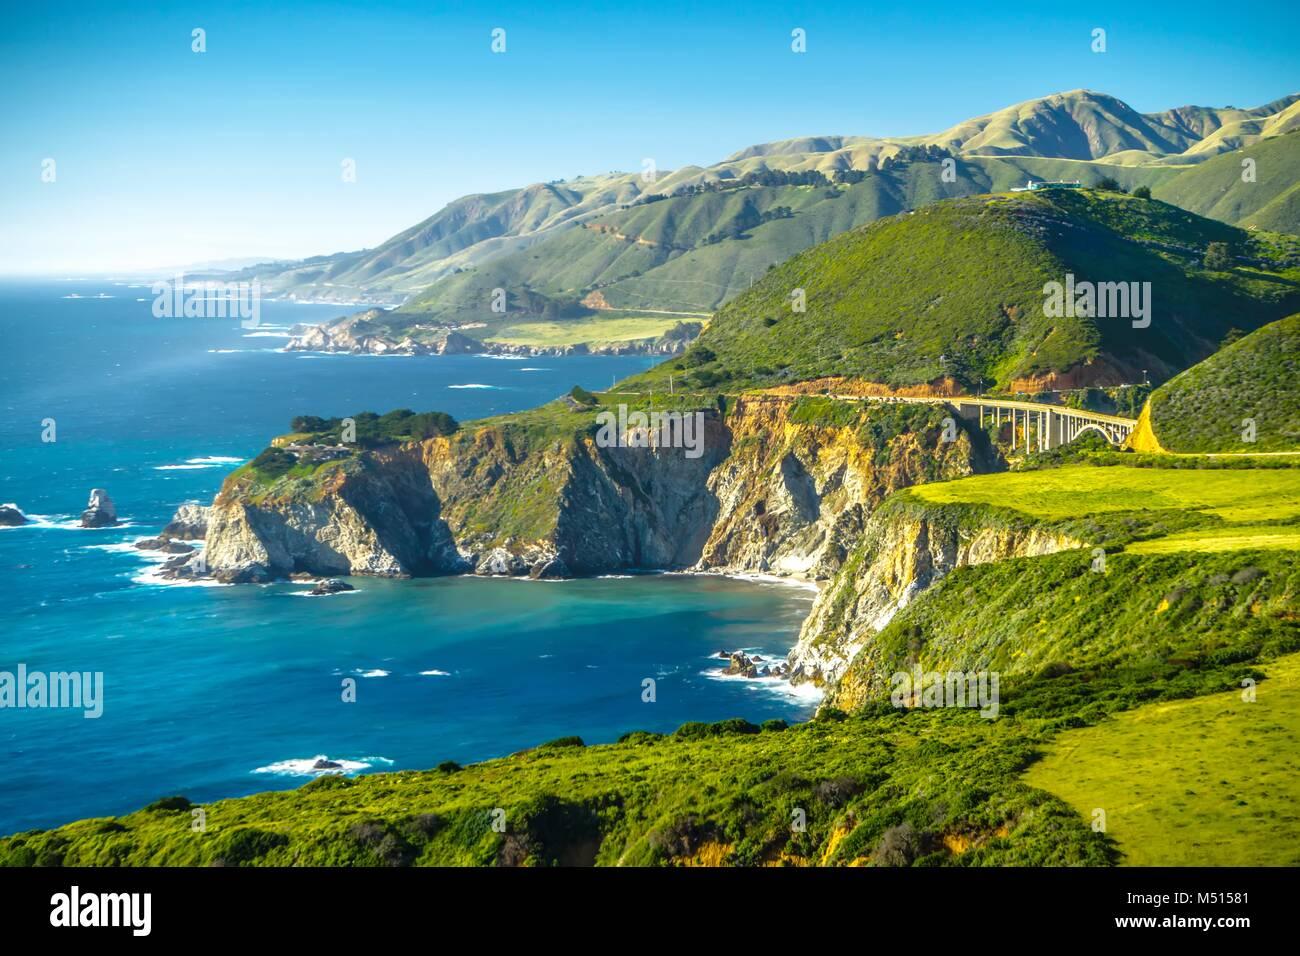 Big Sur california coastline on pacific ocean - Stock Image